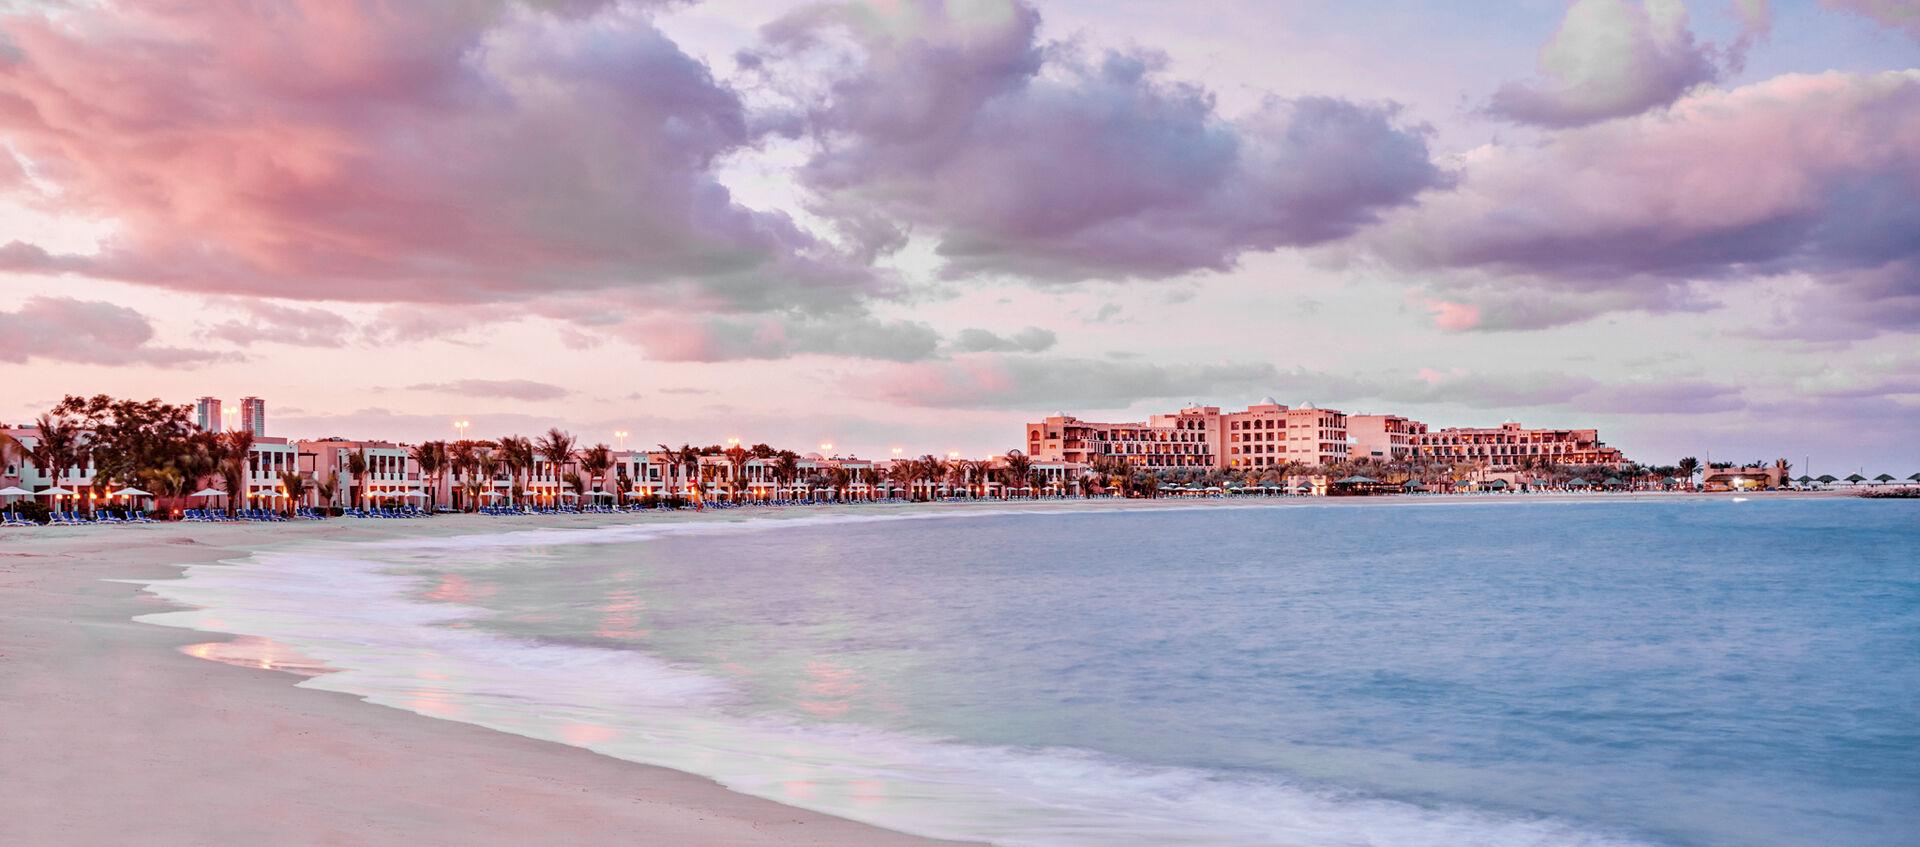 Emirats Arabes Unis - Ras Al Khaimah - Hôtel Hilton Ras Al Khaimah Resort & Spa 5*